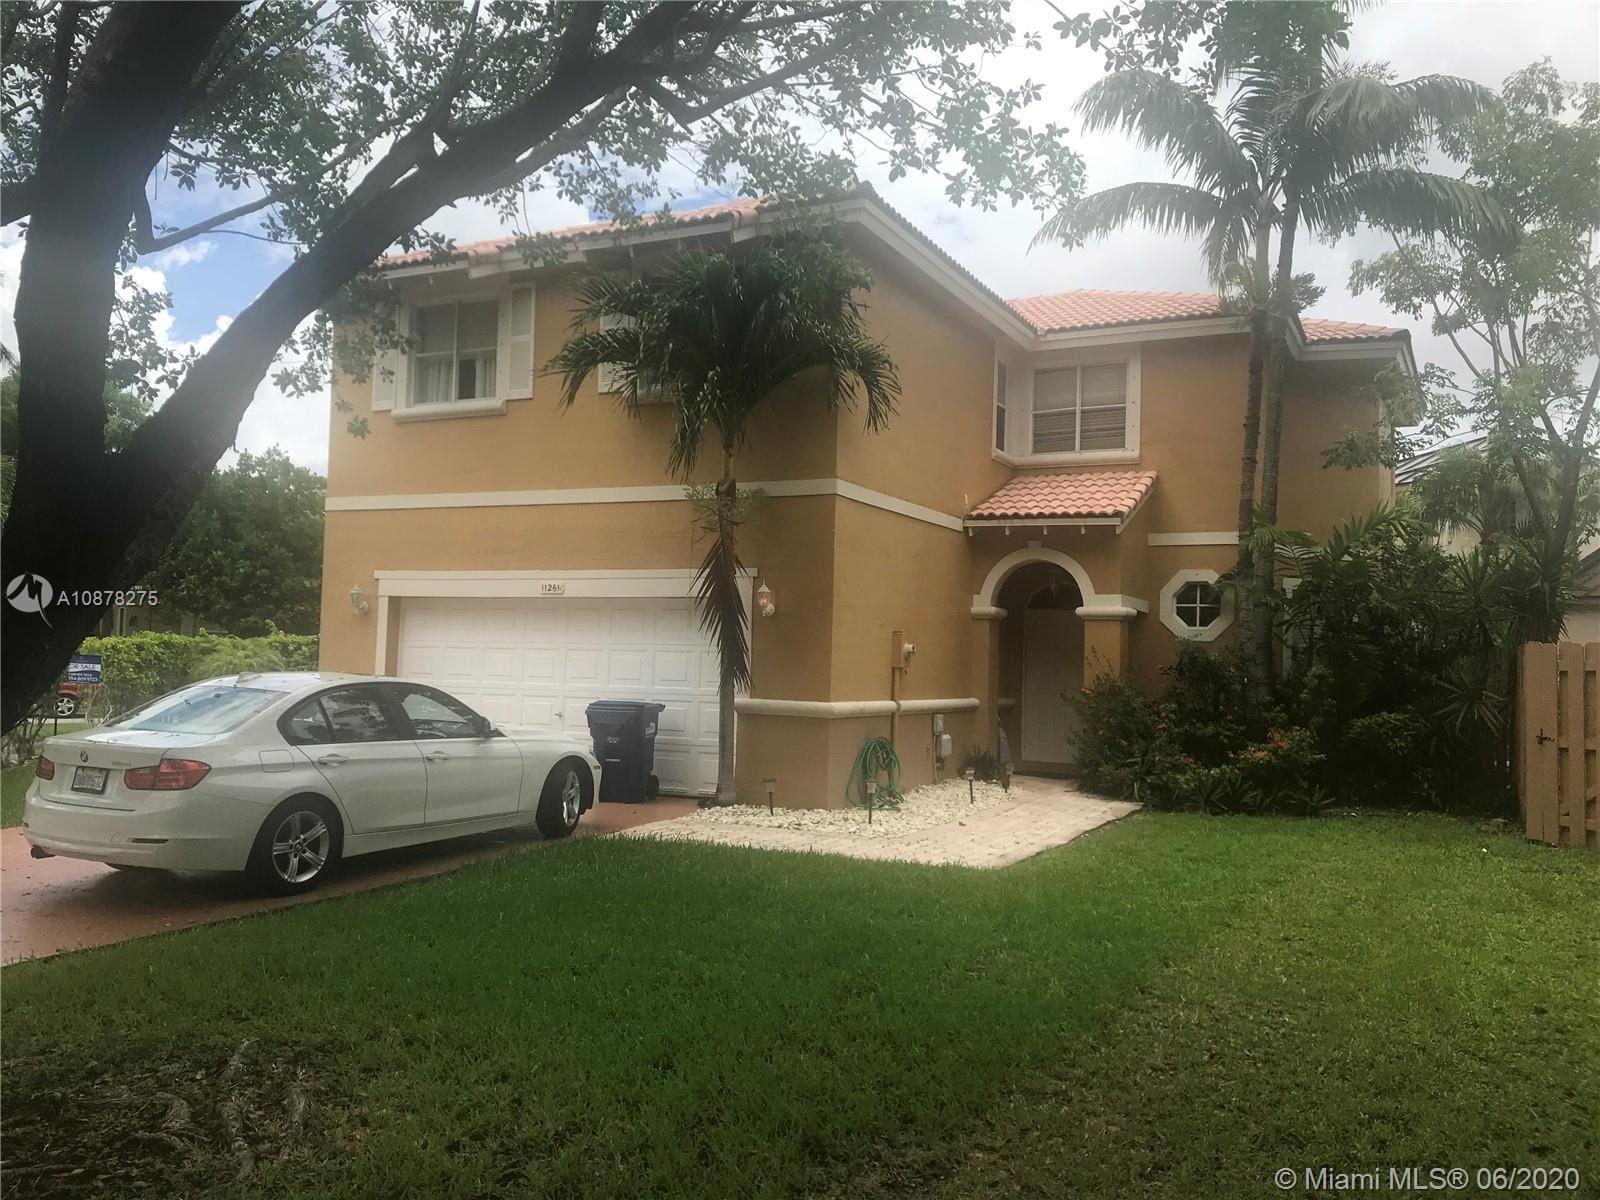 Photo of 11261 SW 156th Ct, Miami, FL 33196 (MLS # A10878275)